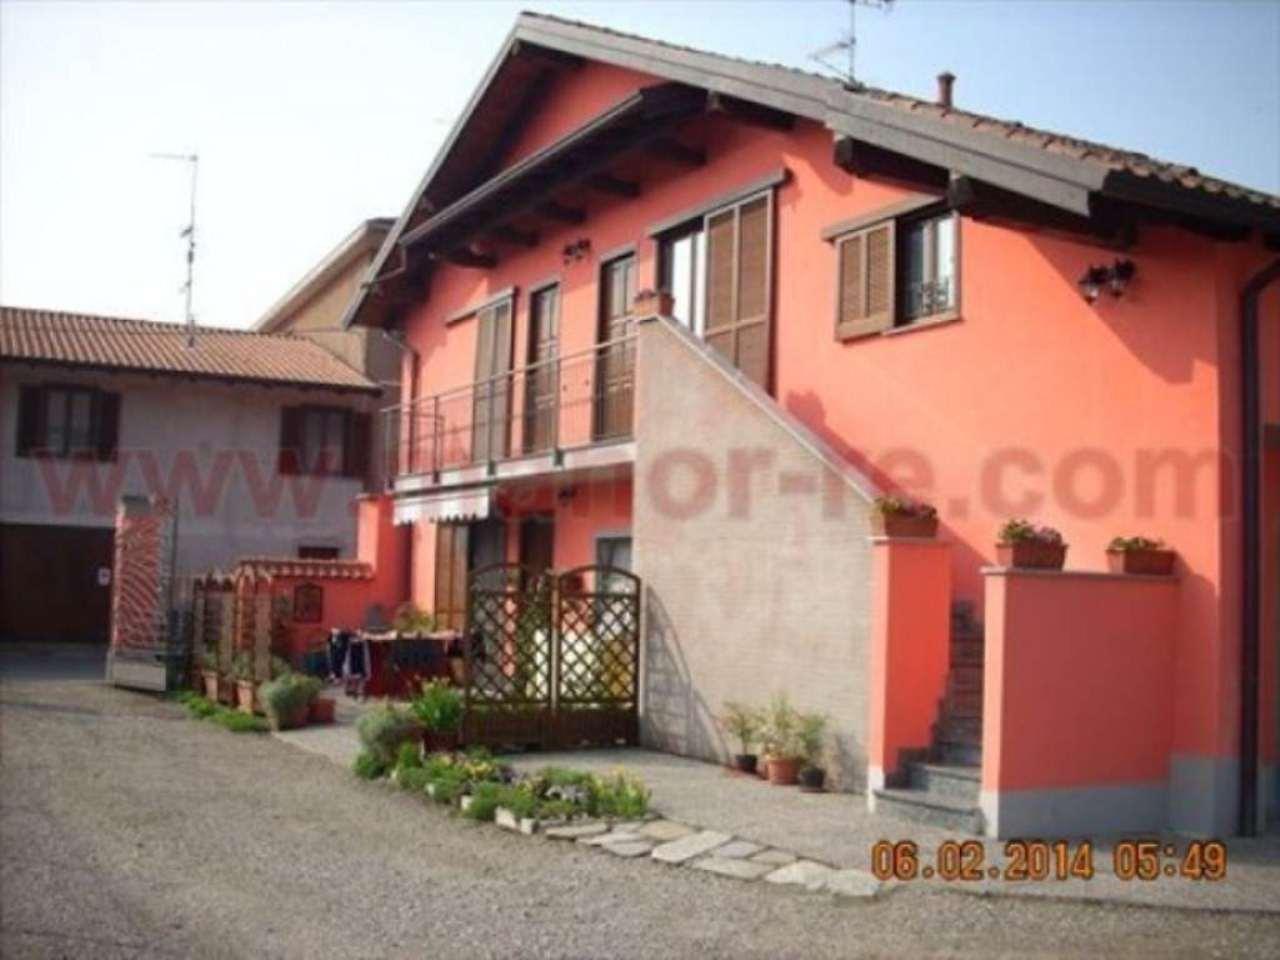 Appartamento in vendita a Fontaneto d'Agogna, 3 locali, prezzo € 105.000 | Cambio Casa.it